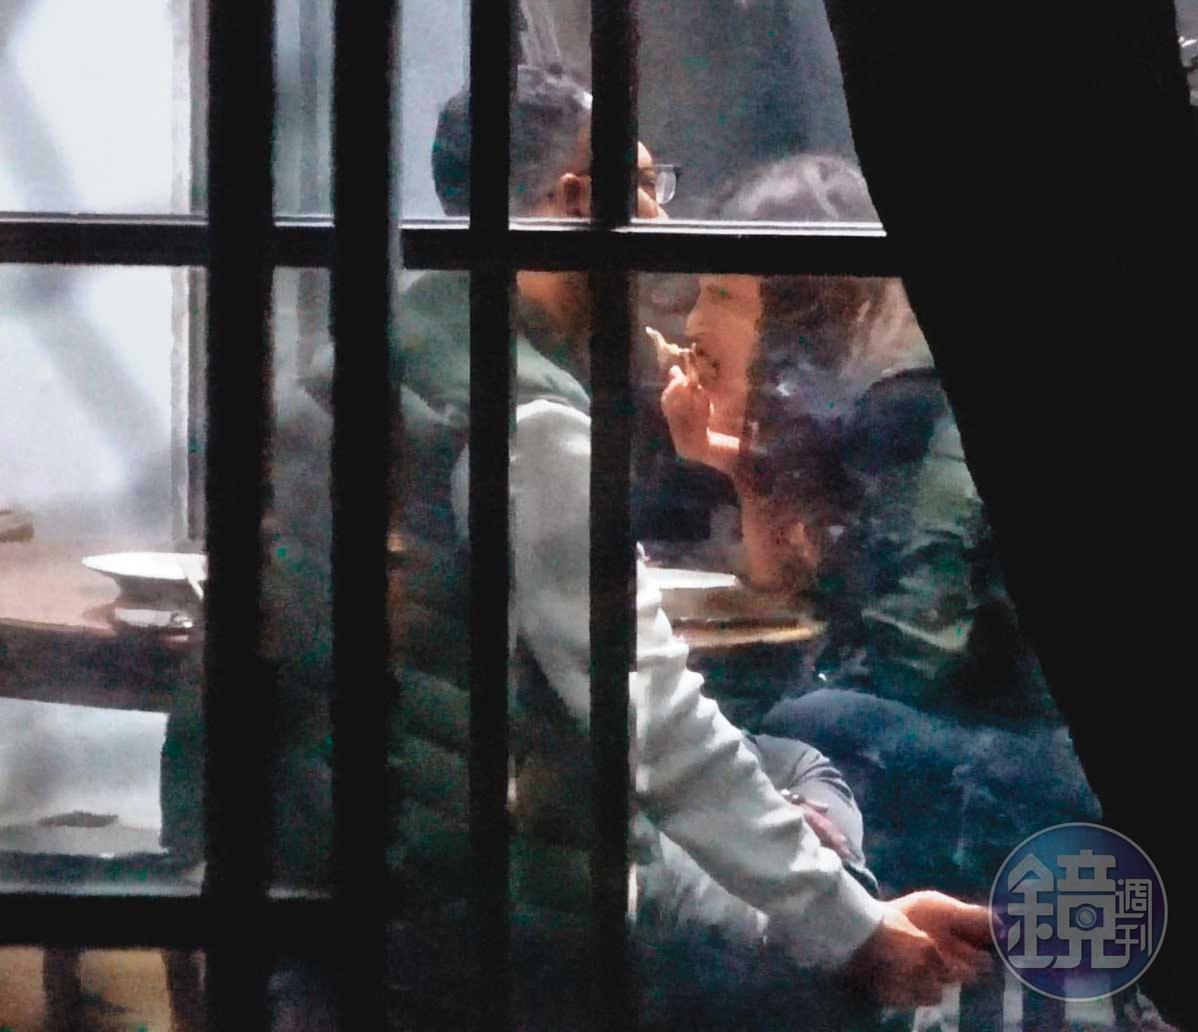 04/14 19:01 董德堉(左)和凌婉真(右)看似老夫老妻,董吃飯時甚至邊講手機邊摳腳。